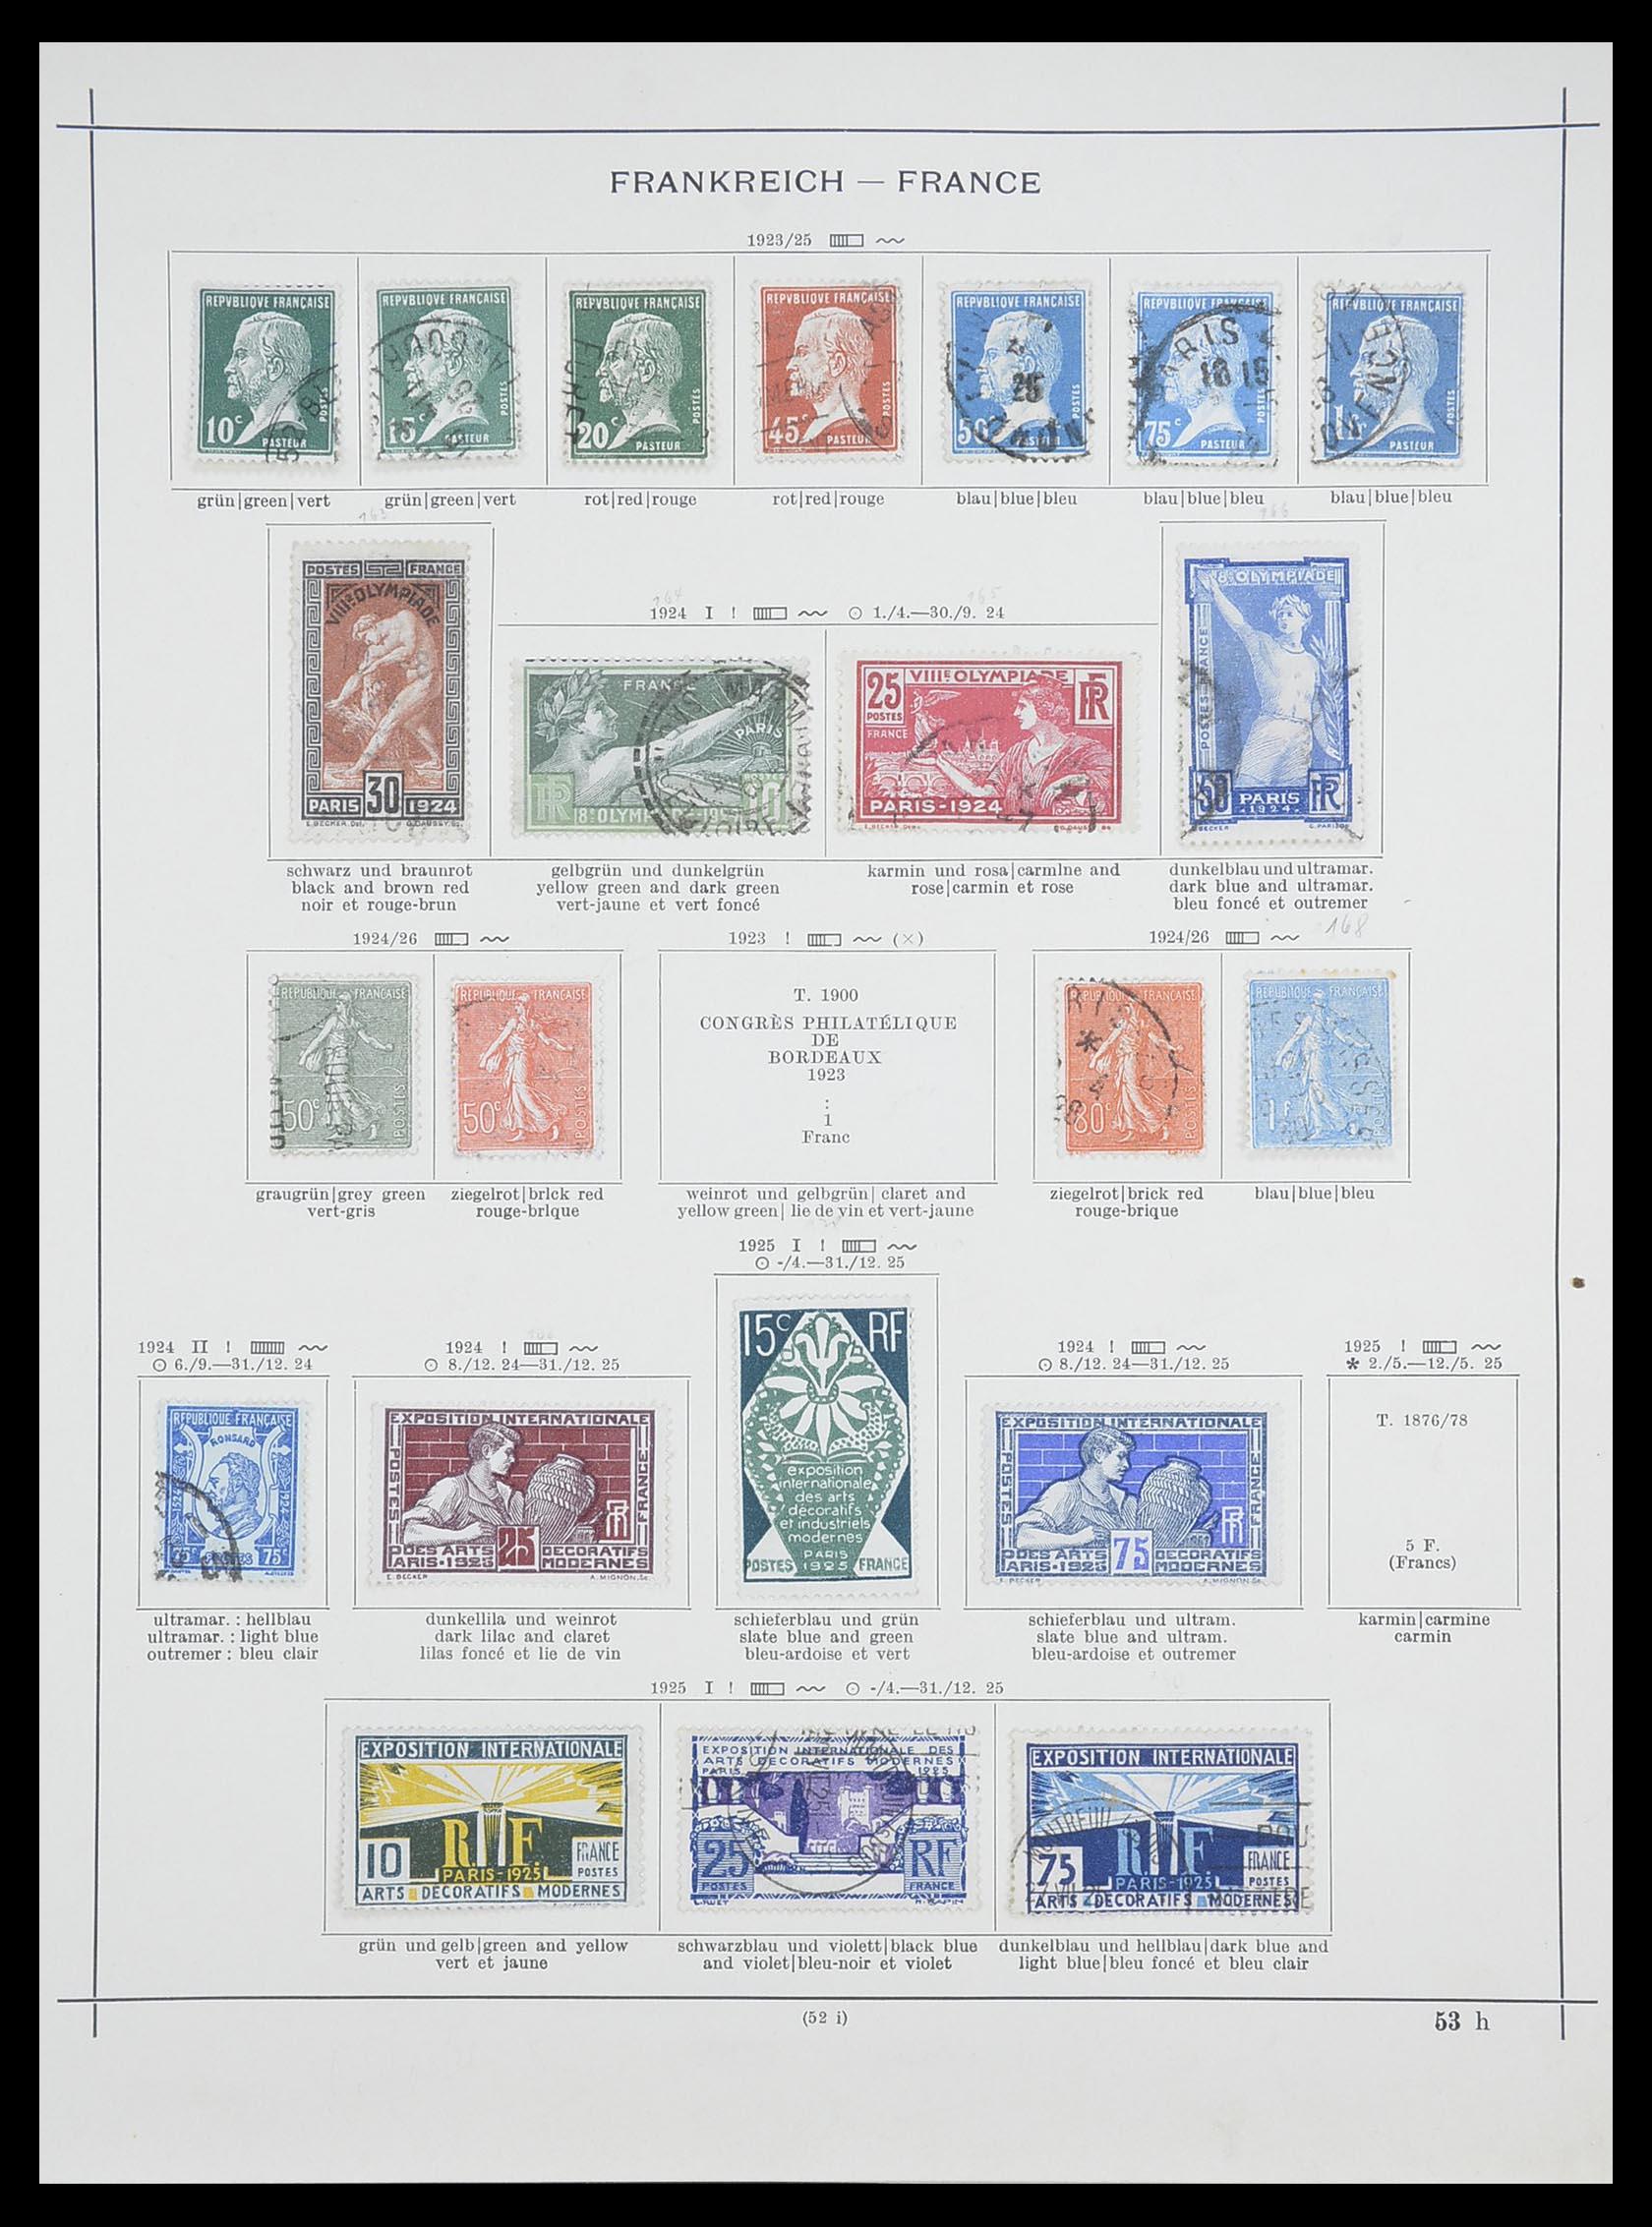 33919 009 - Postzegelverzameling 33919 Frankrijk 1849-1946.